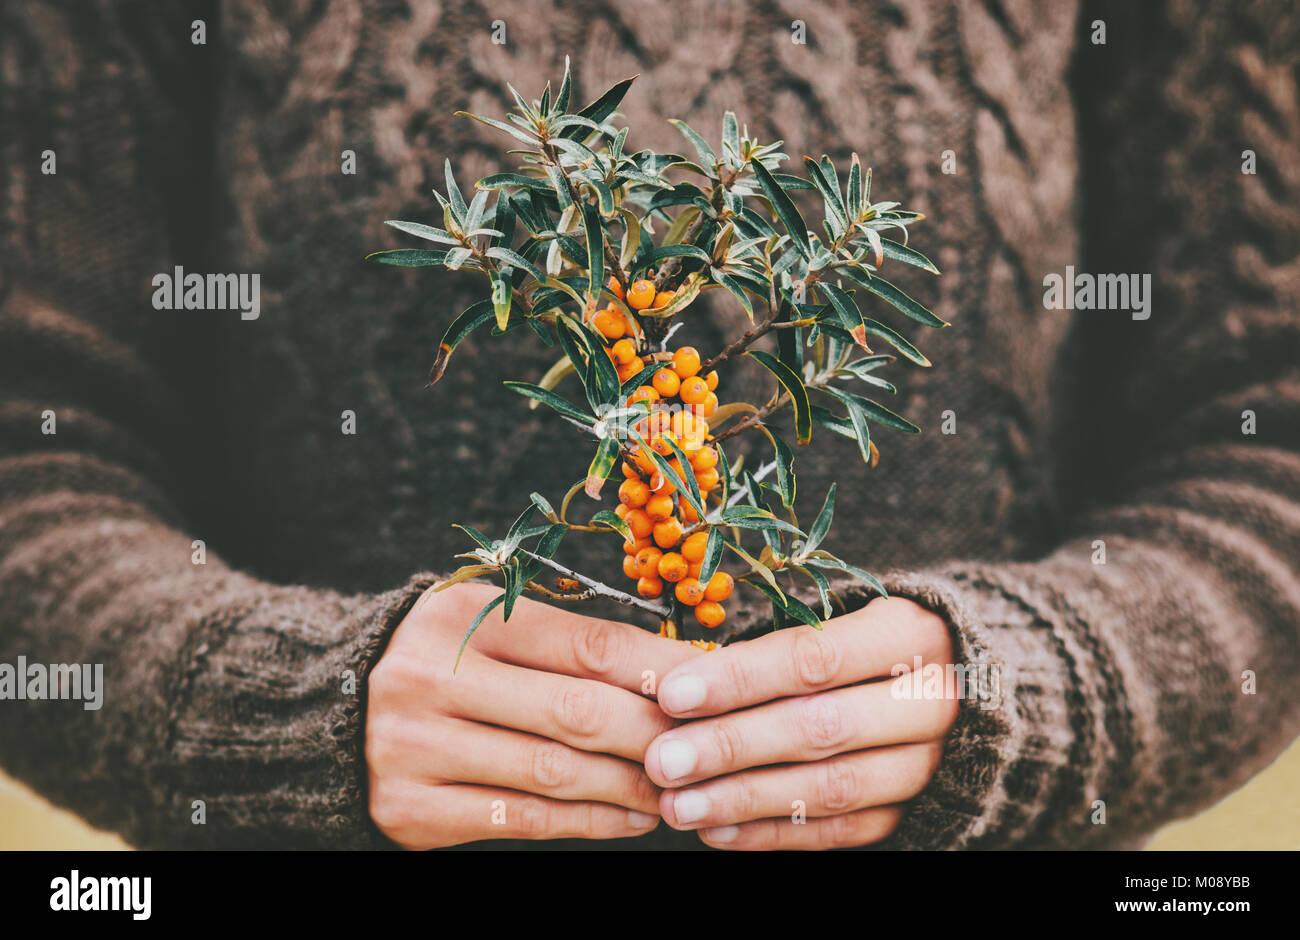 Frau Hände halten Sanddornbeeren Bio Lebensmittel gesunde Lebensweise Pflanze frisch gepflückt gemütliche Strickpullover Stockfoto